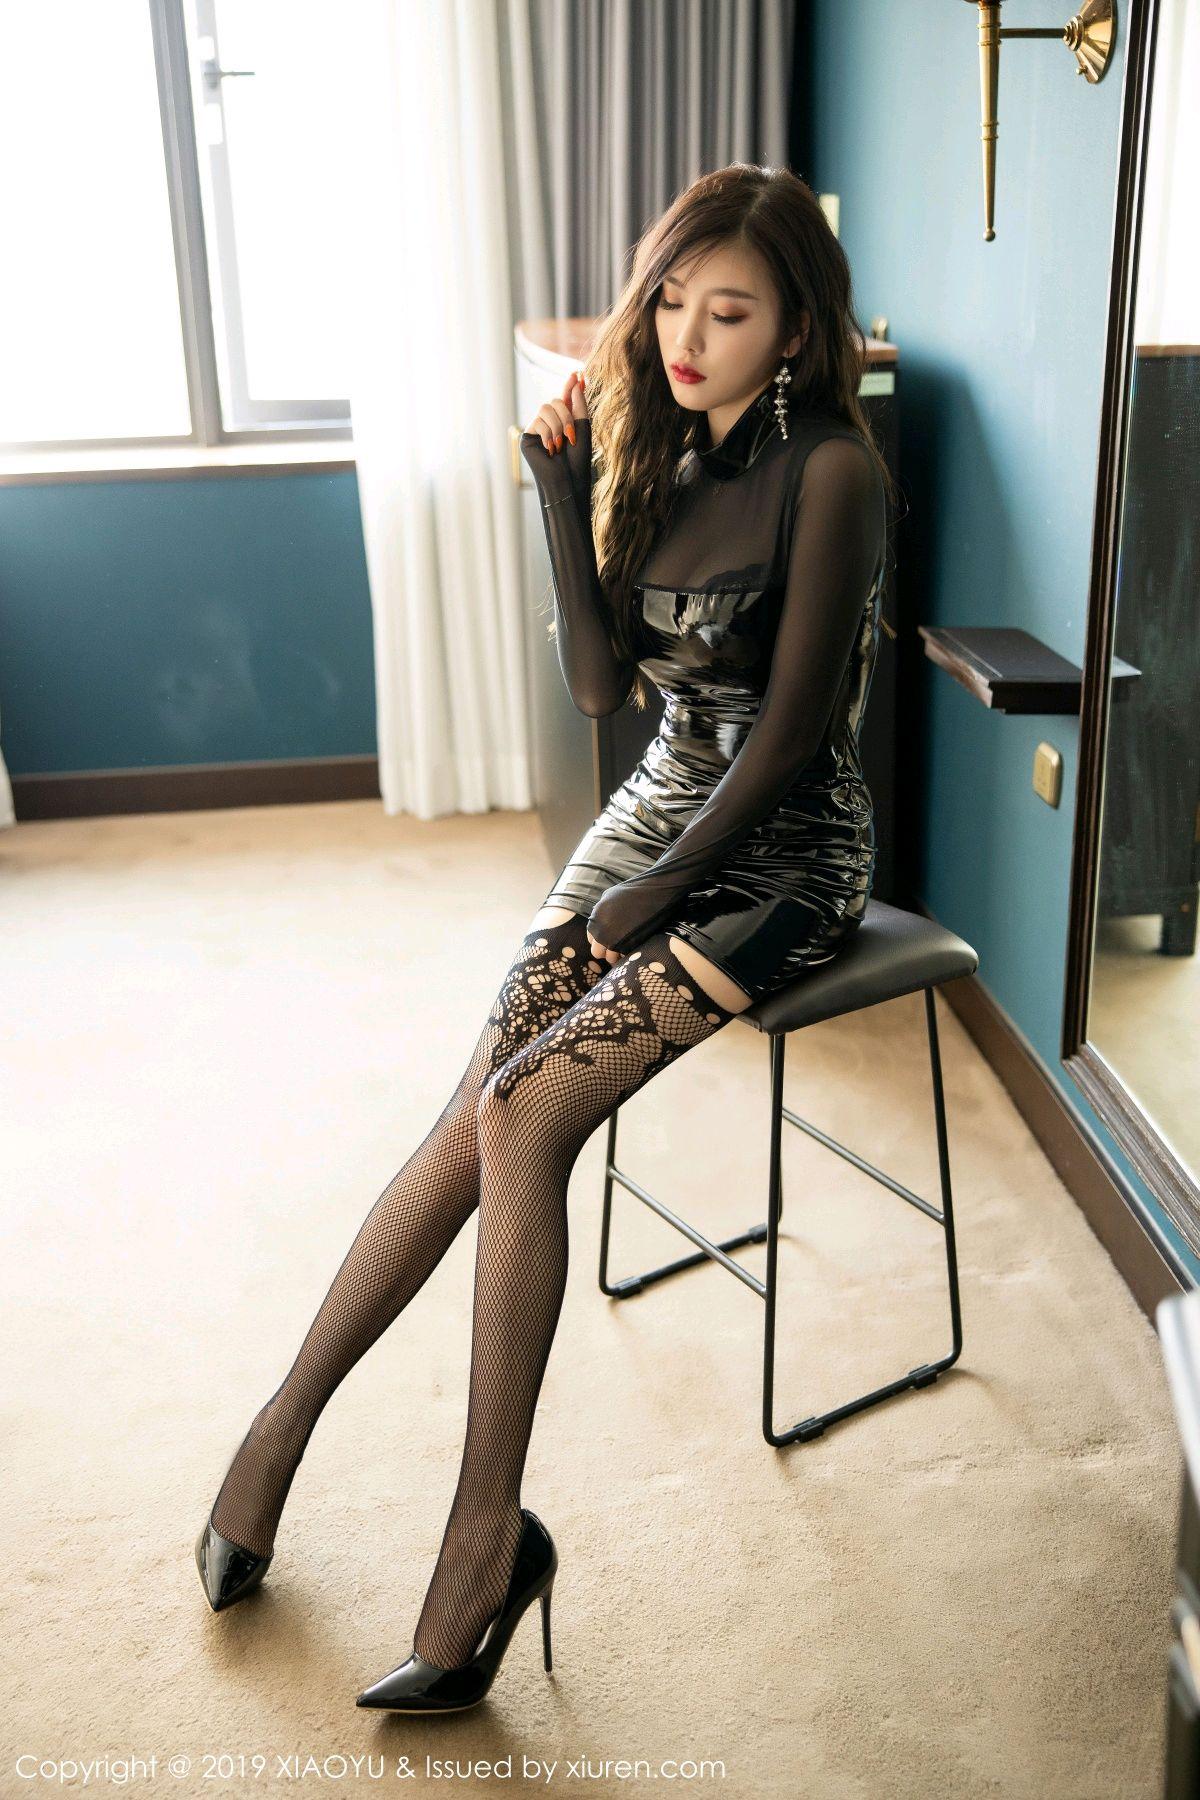 [XiaoYu] Vol.199 Yang Chen Chen 1P, Black Silk, Underwear, XiaoYu, Yang Chen Chen